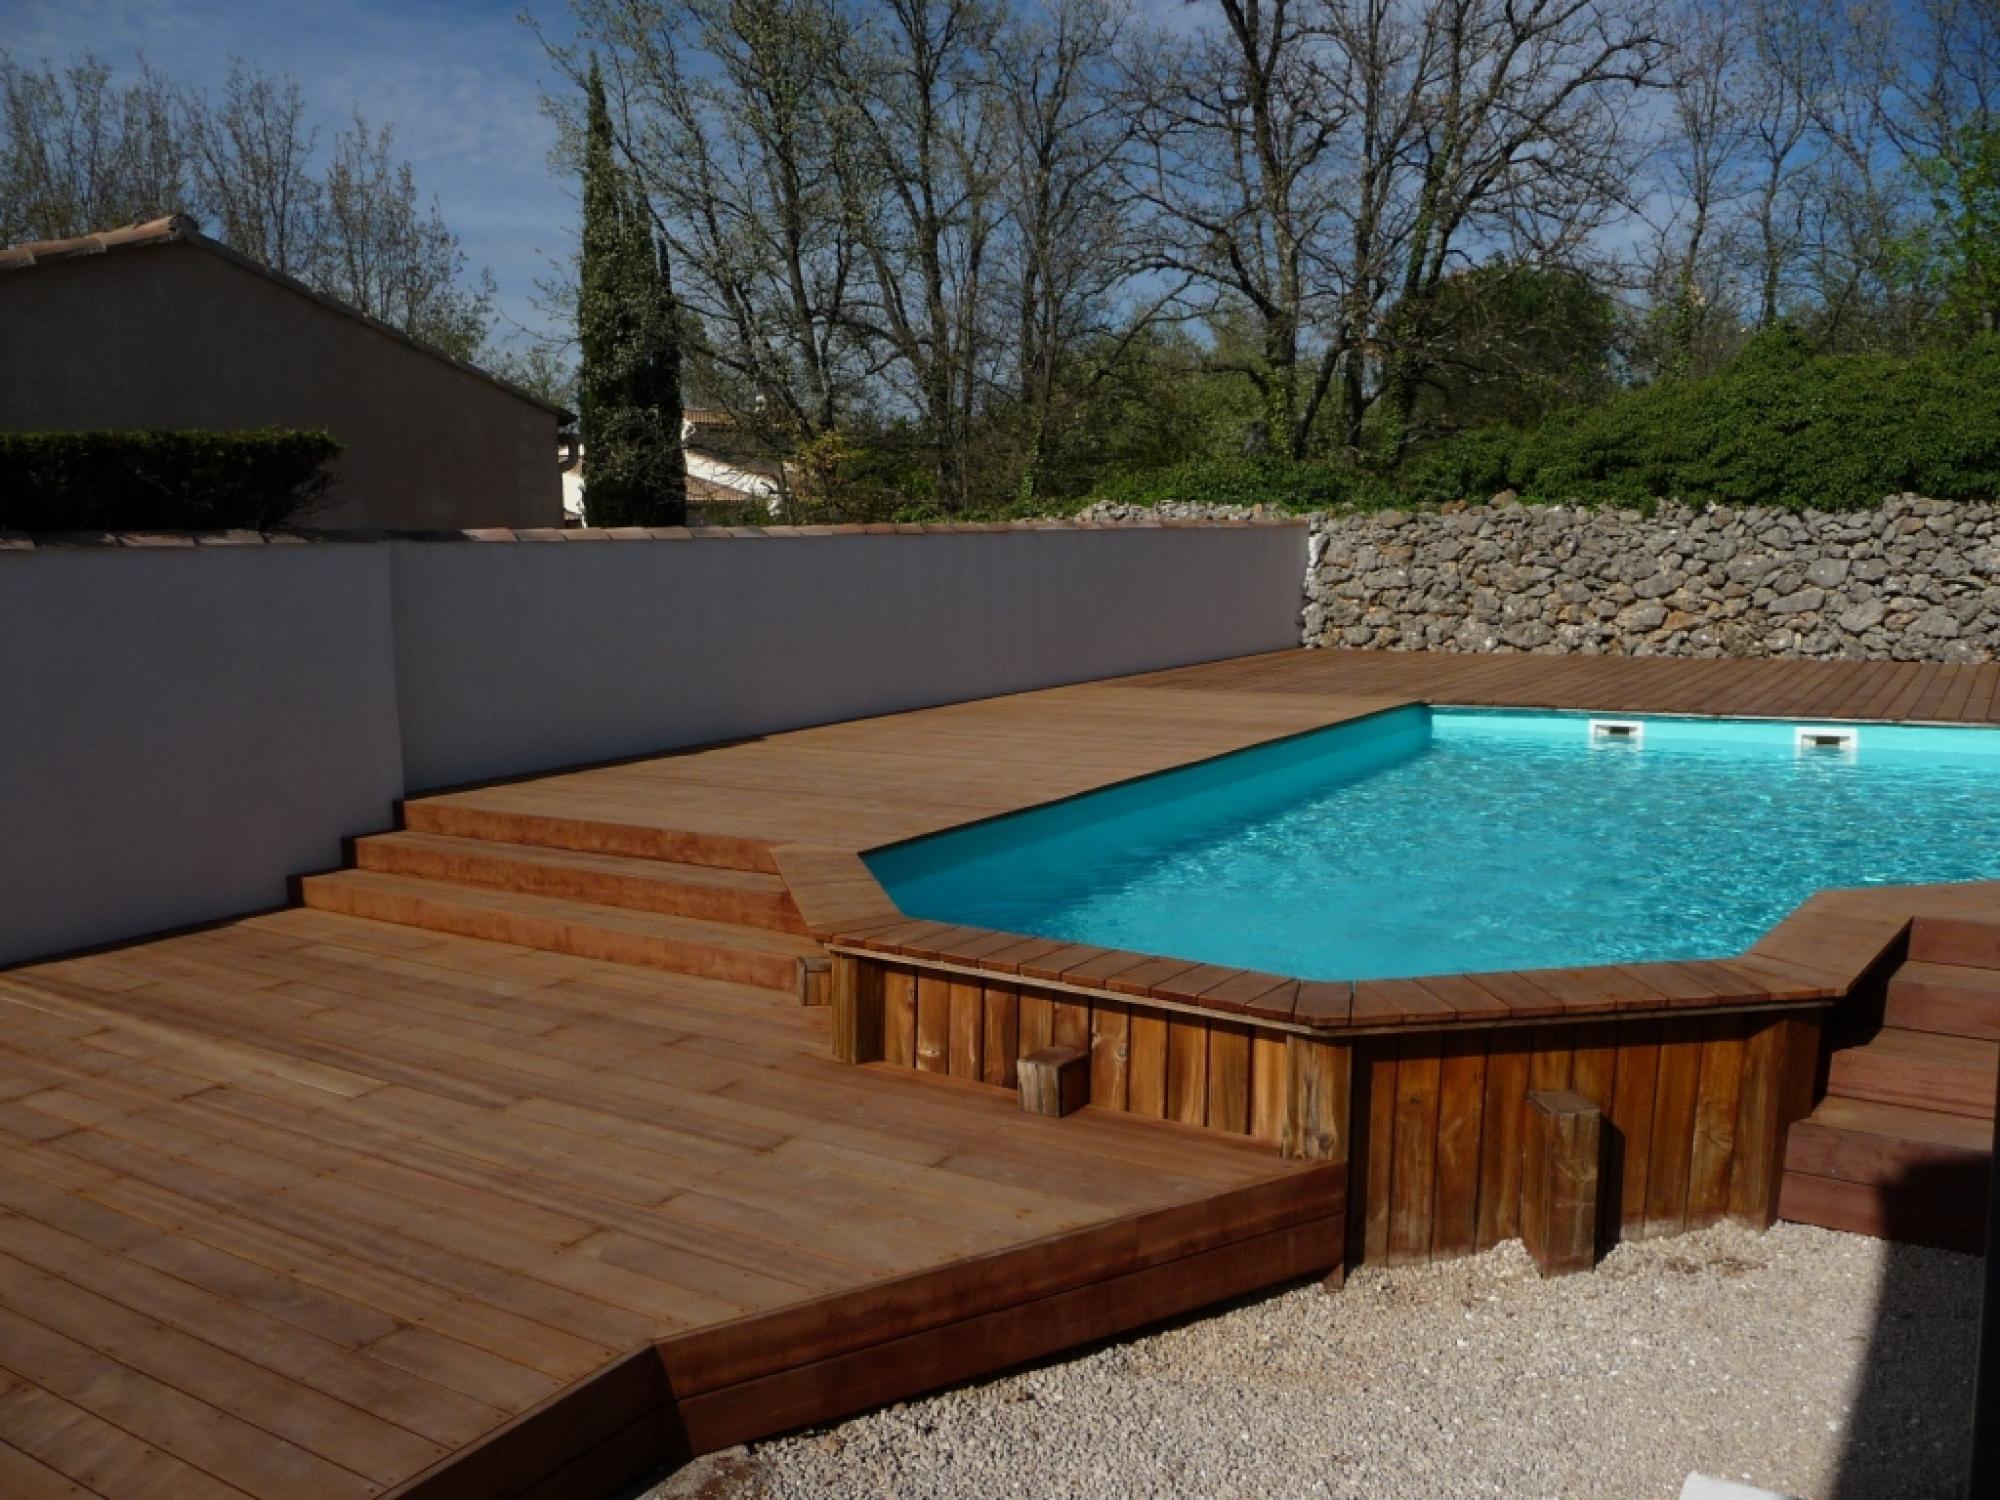 Plage piscine hors sol bois - Piscine hors sol bois espagne ...